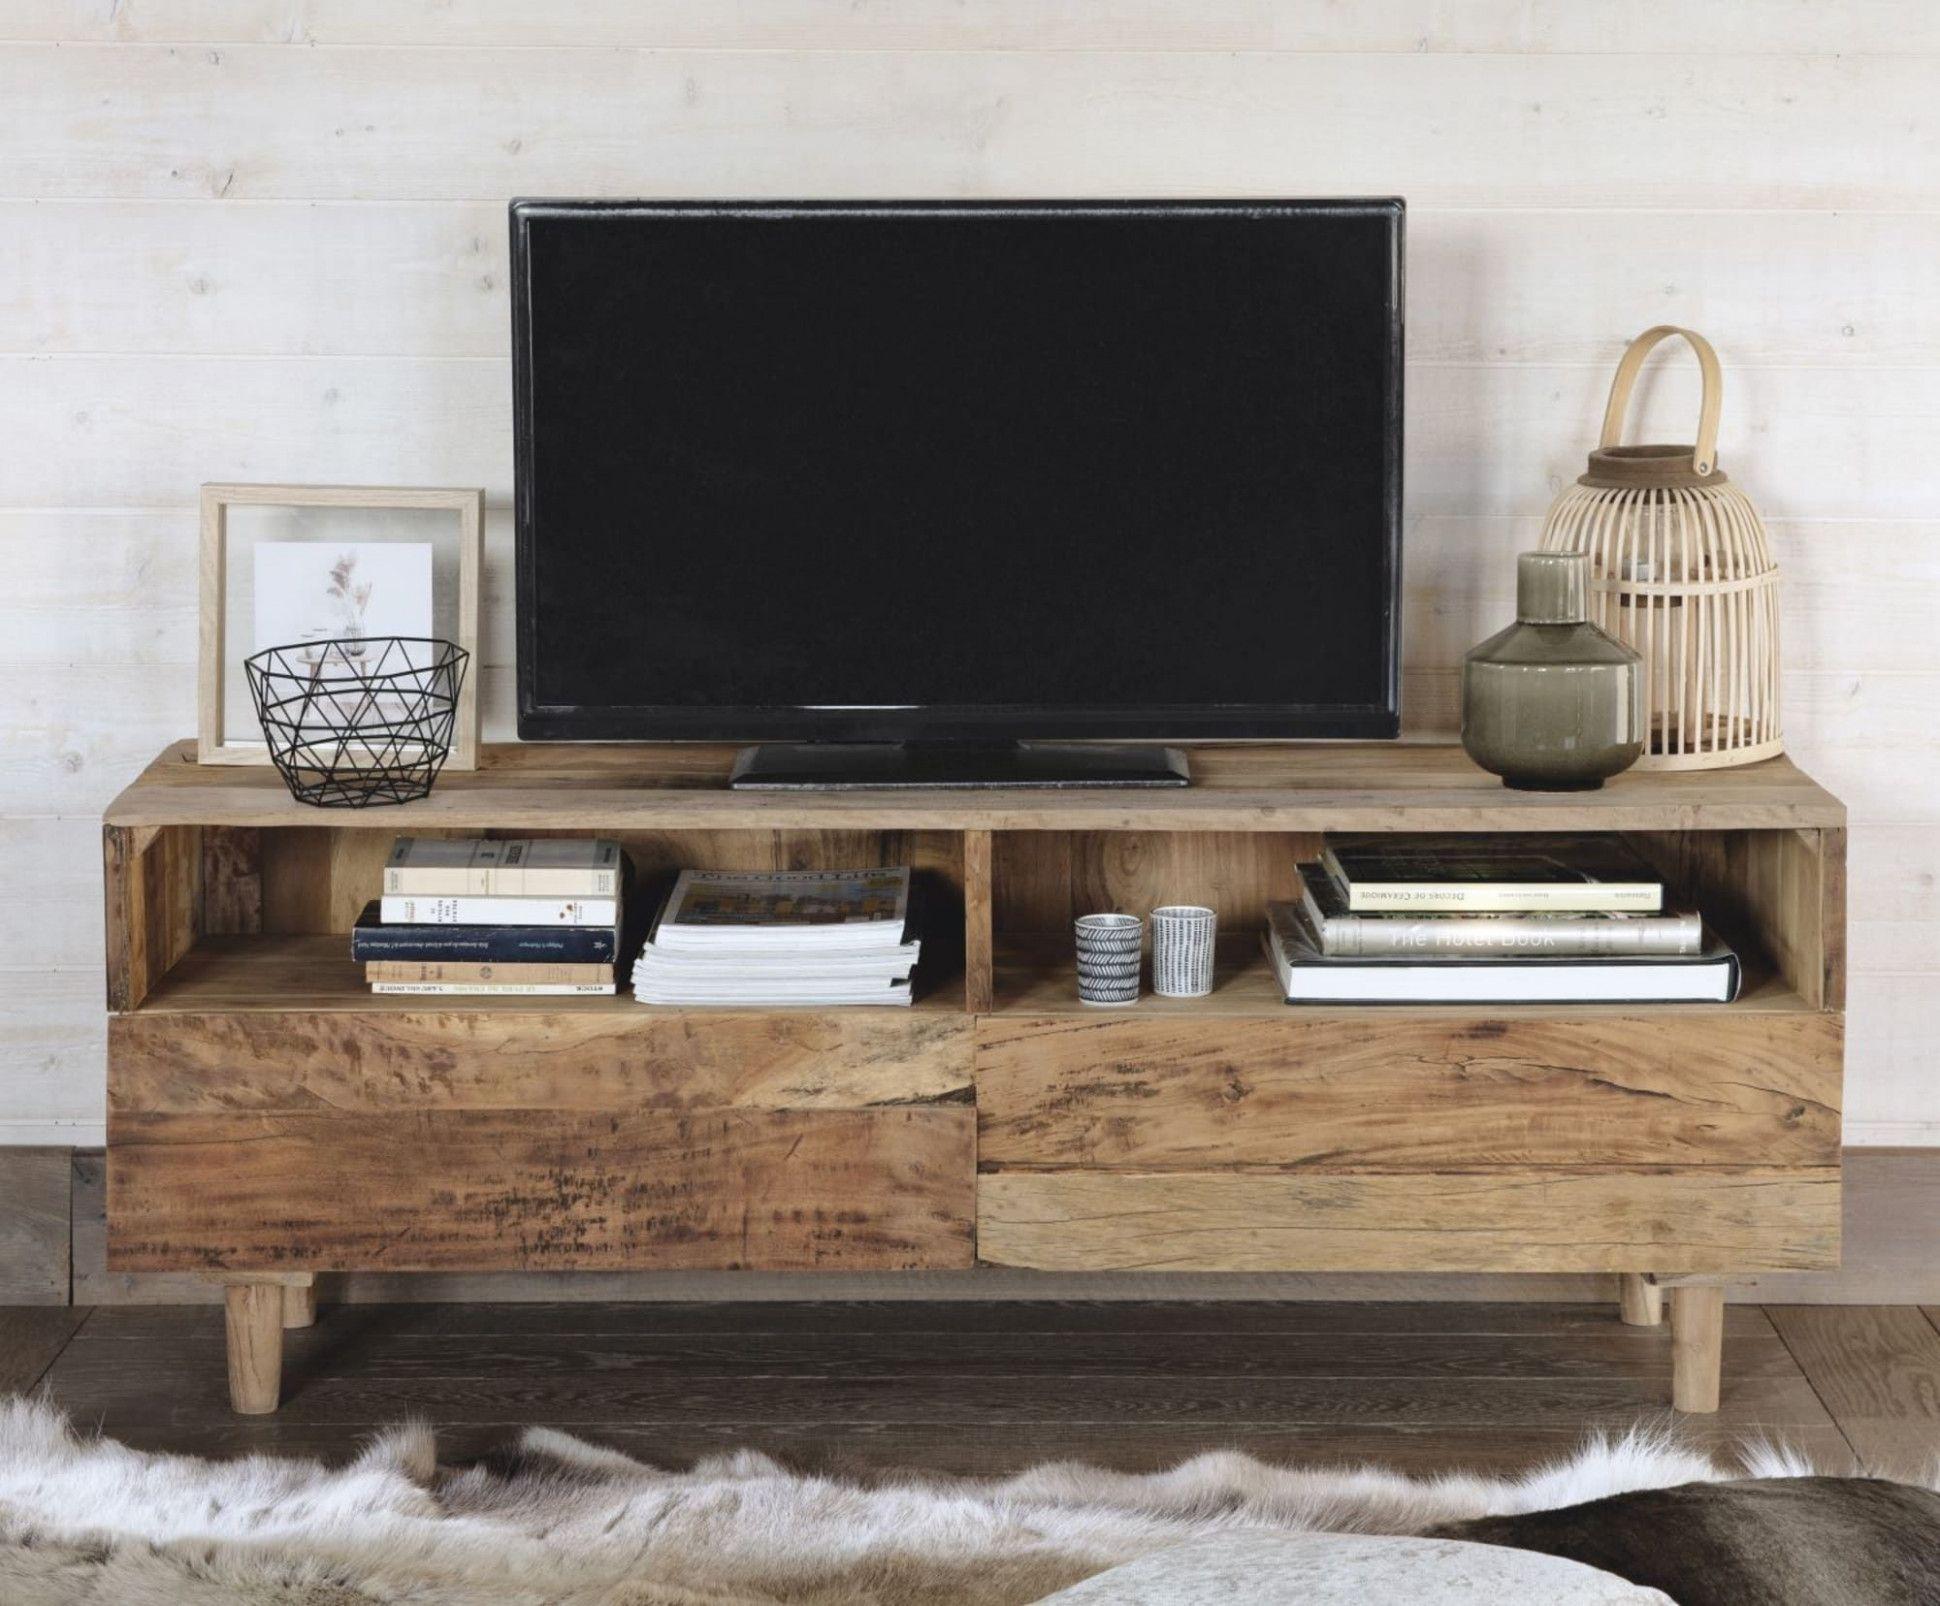 12+ Le Meilleur Idee Meuble Tv Fait Maison   Idée meuble tv ...